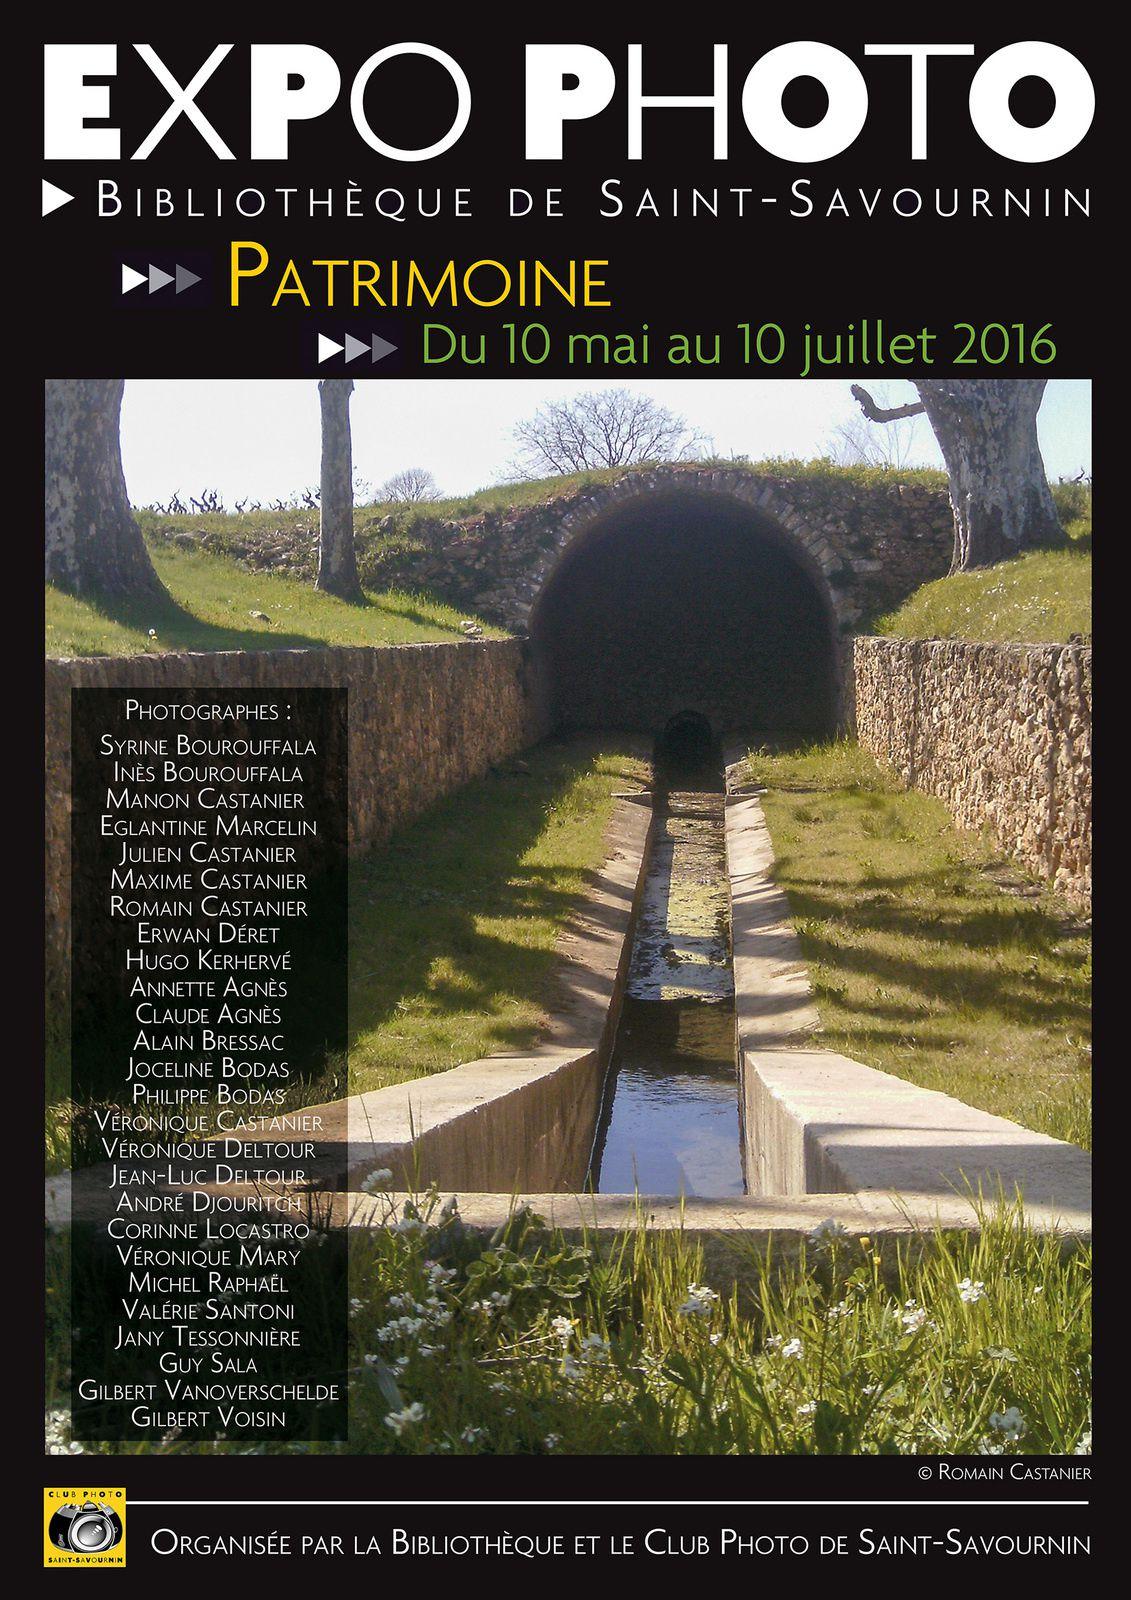 Expo photo Patrimoine